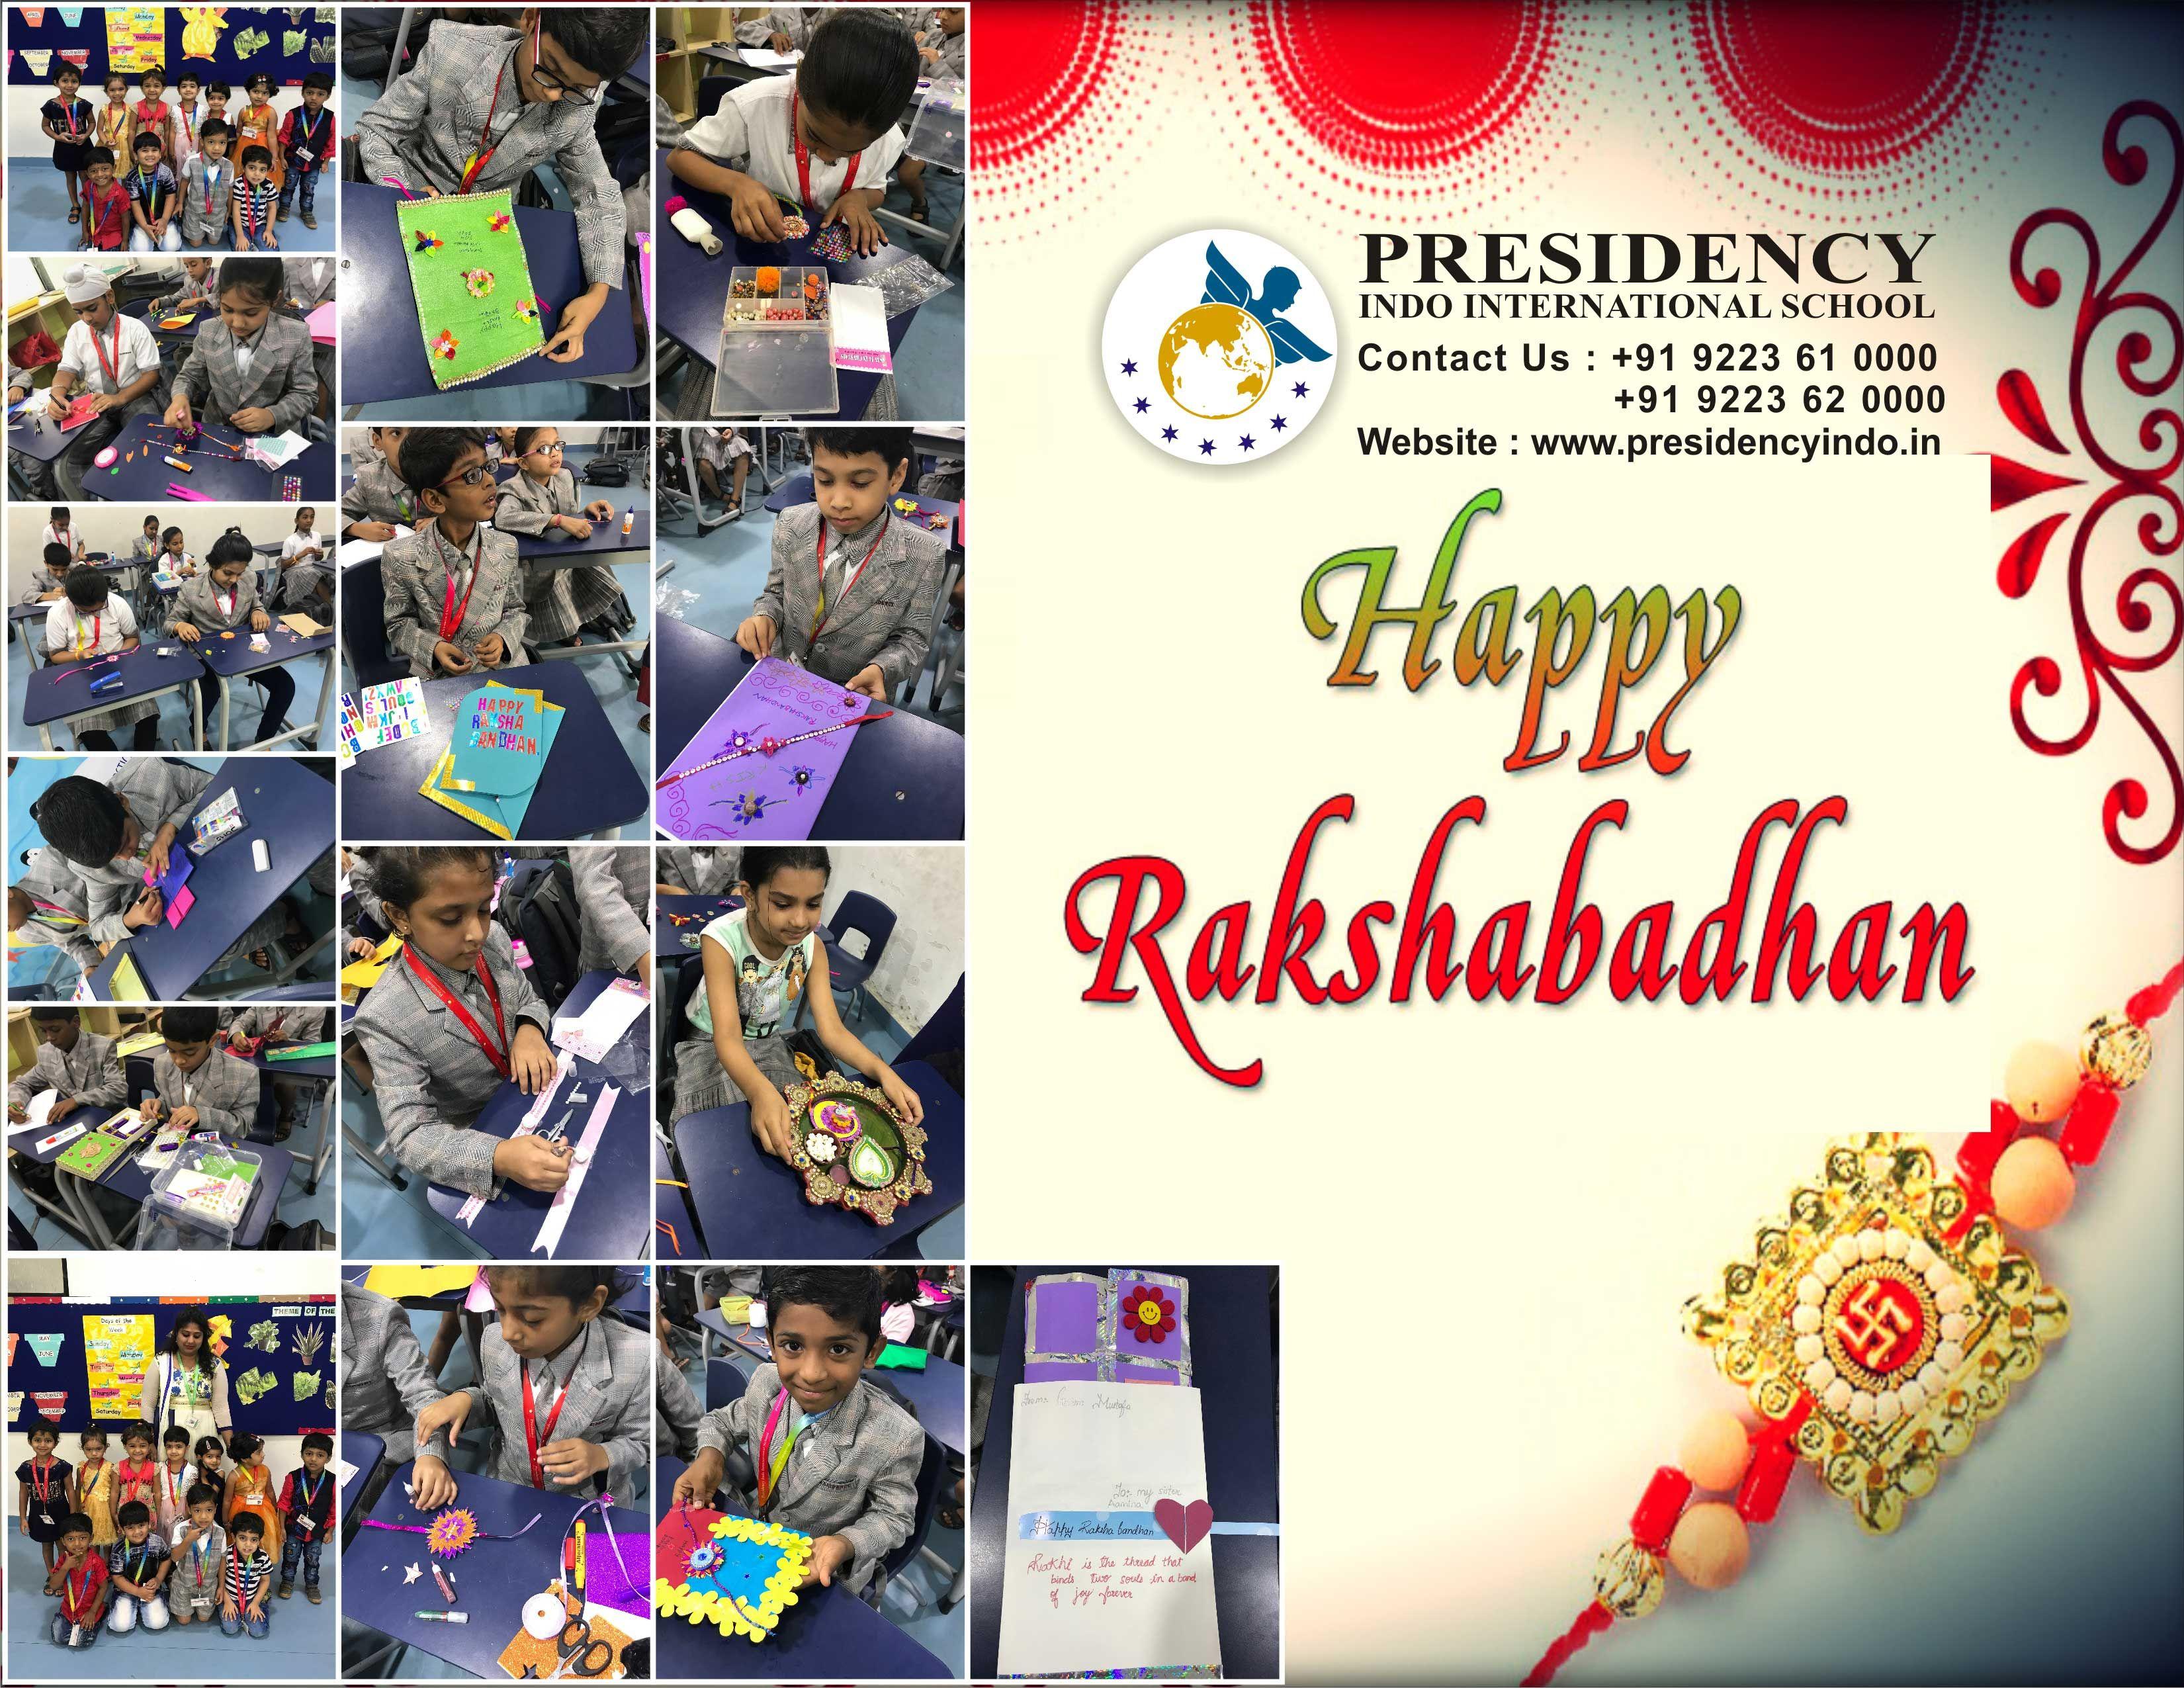 Rakshabandhan Celebration Presidency Indo International